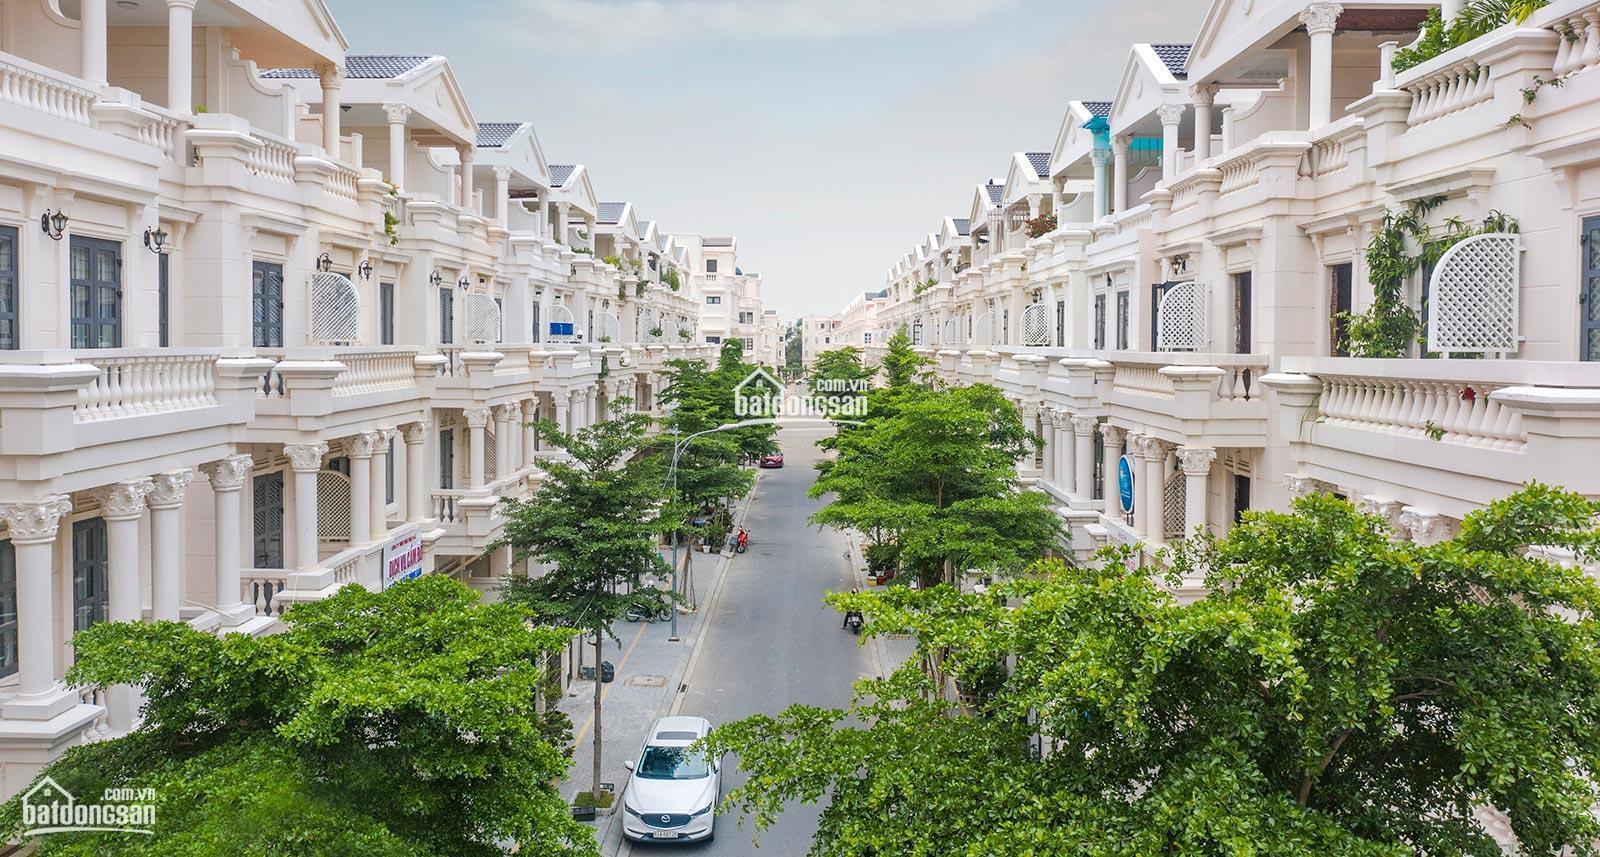 Bán lại nhà phố liền kề Cityland Park Hills, DT: 5x20m, 3 lầu, giá 16 tỷ, chủ: 0902.42.12.72